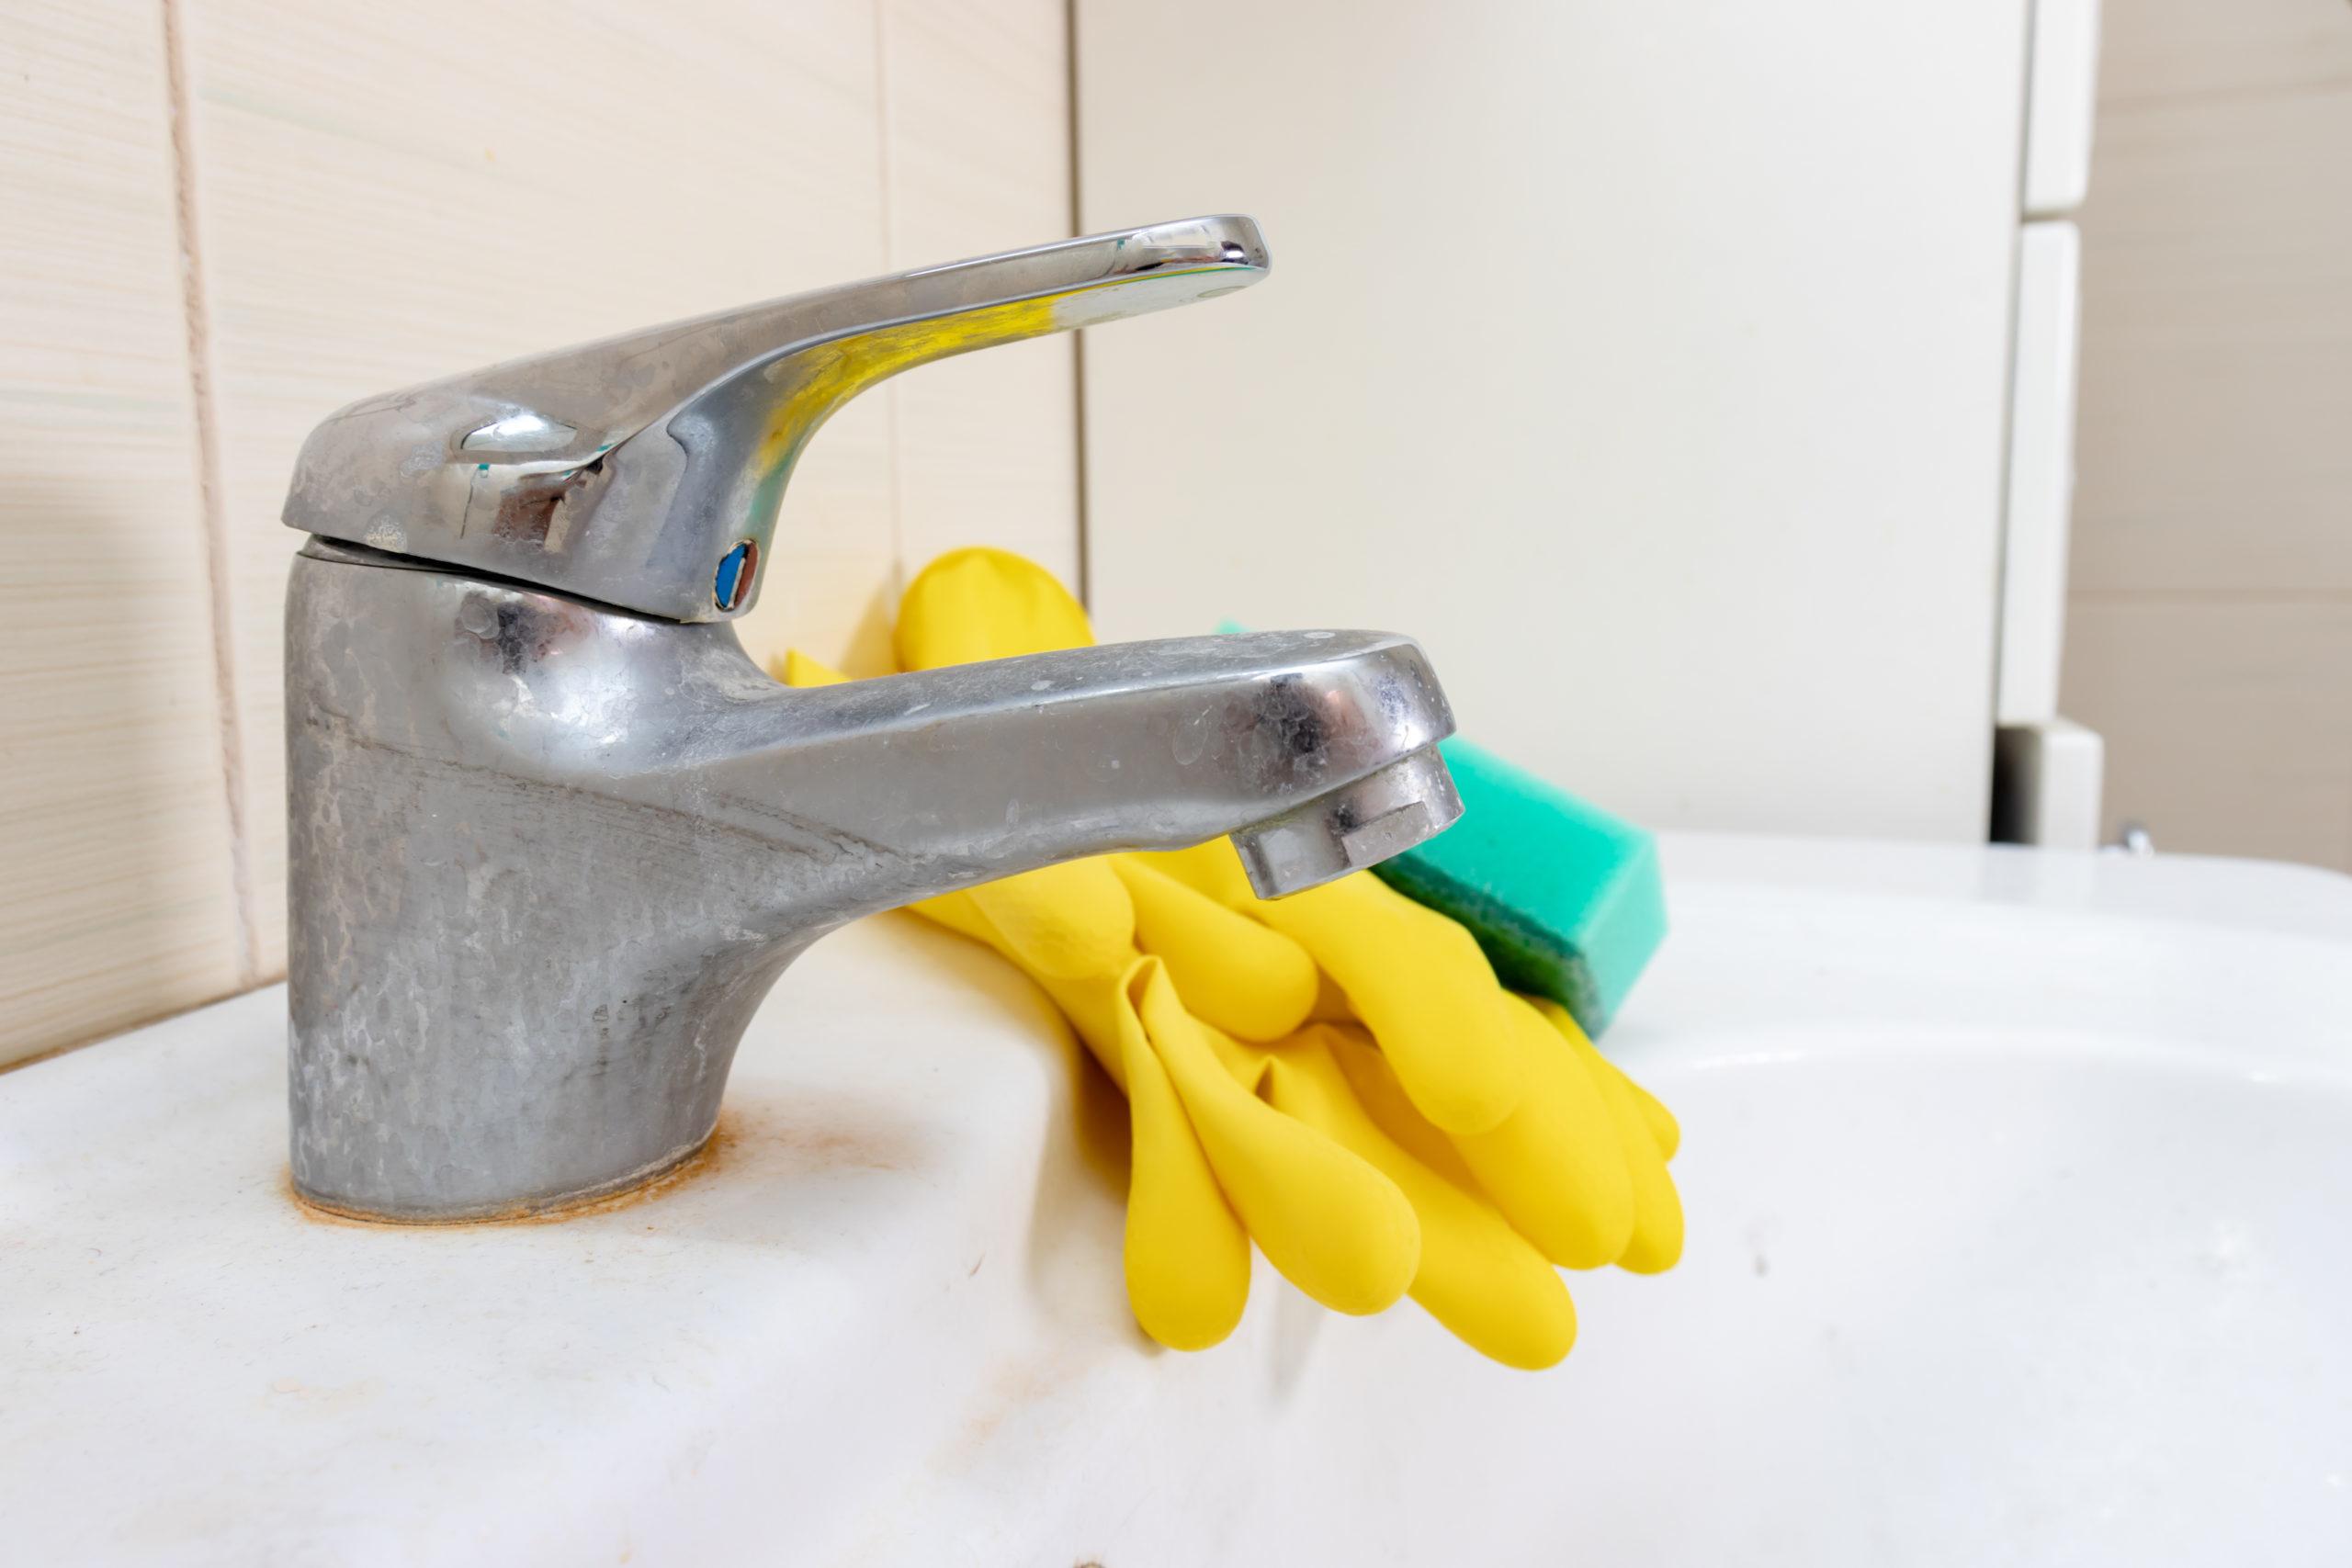 Foto eines schmutzigen Bad-Waschbeckens mit Kalkablagerungen, worauf gelbe Gummihandschuhe und ein grüner Schwamm liegen.